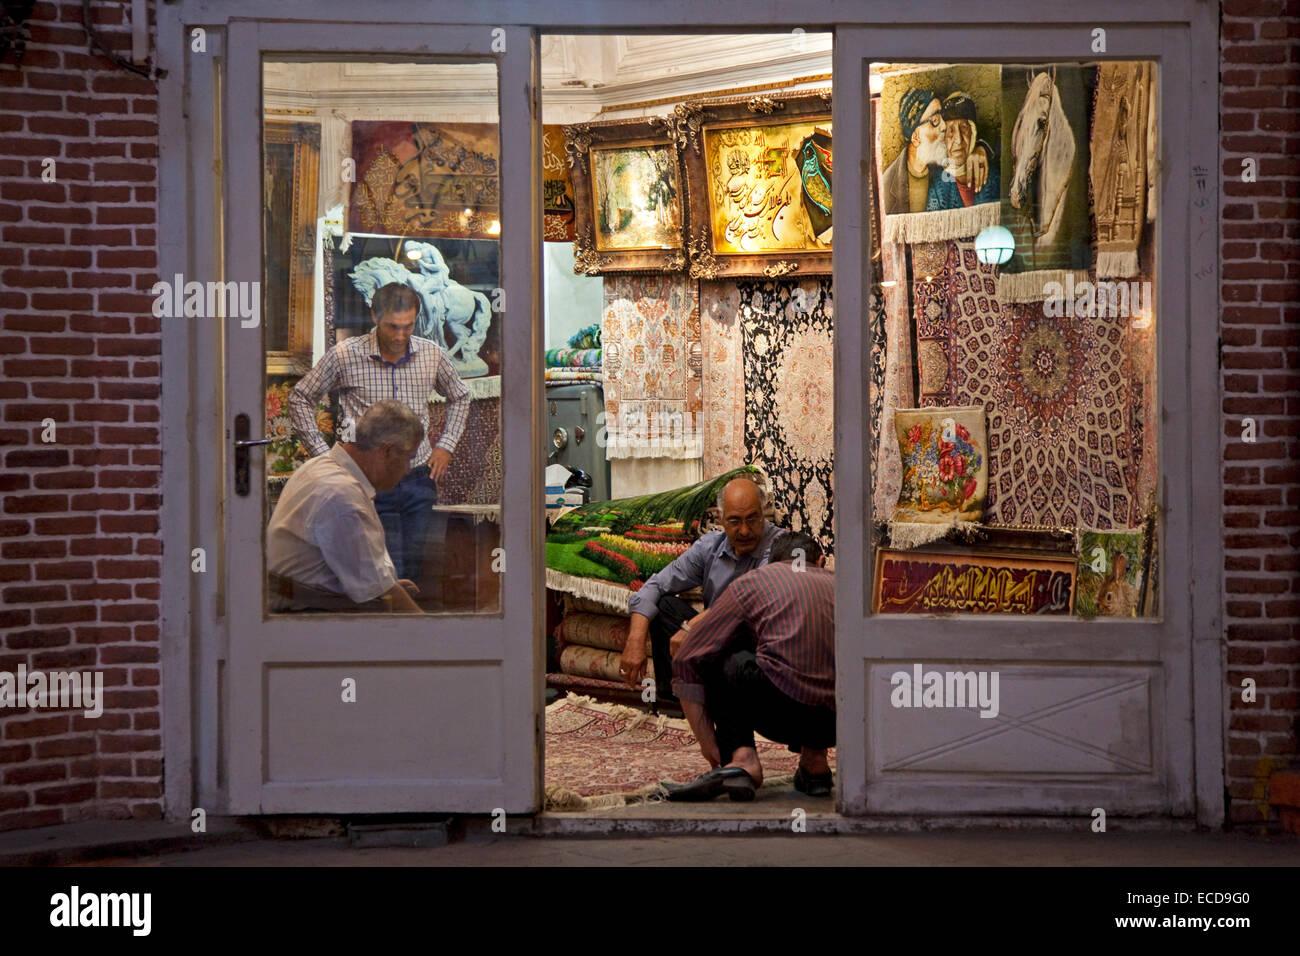 Iranische Hersteller verkaufen Teppiche Teppichhaus im alten historischen Basar der Stadt Tabriz, Ost-Aserbaidschan, Stockbild